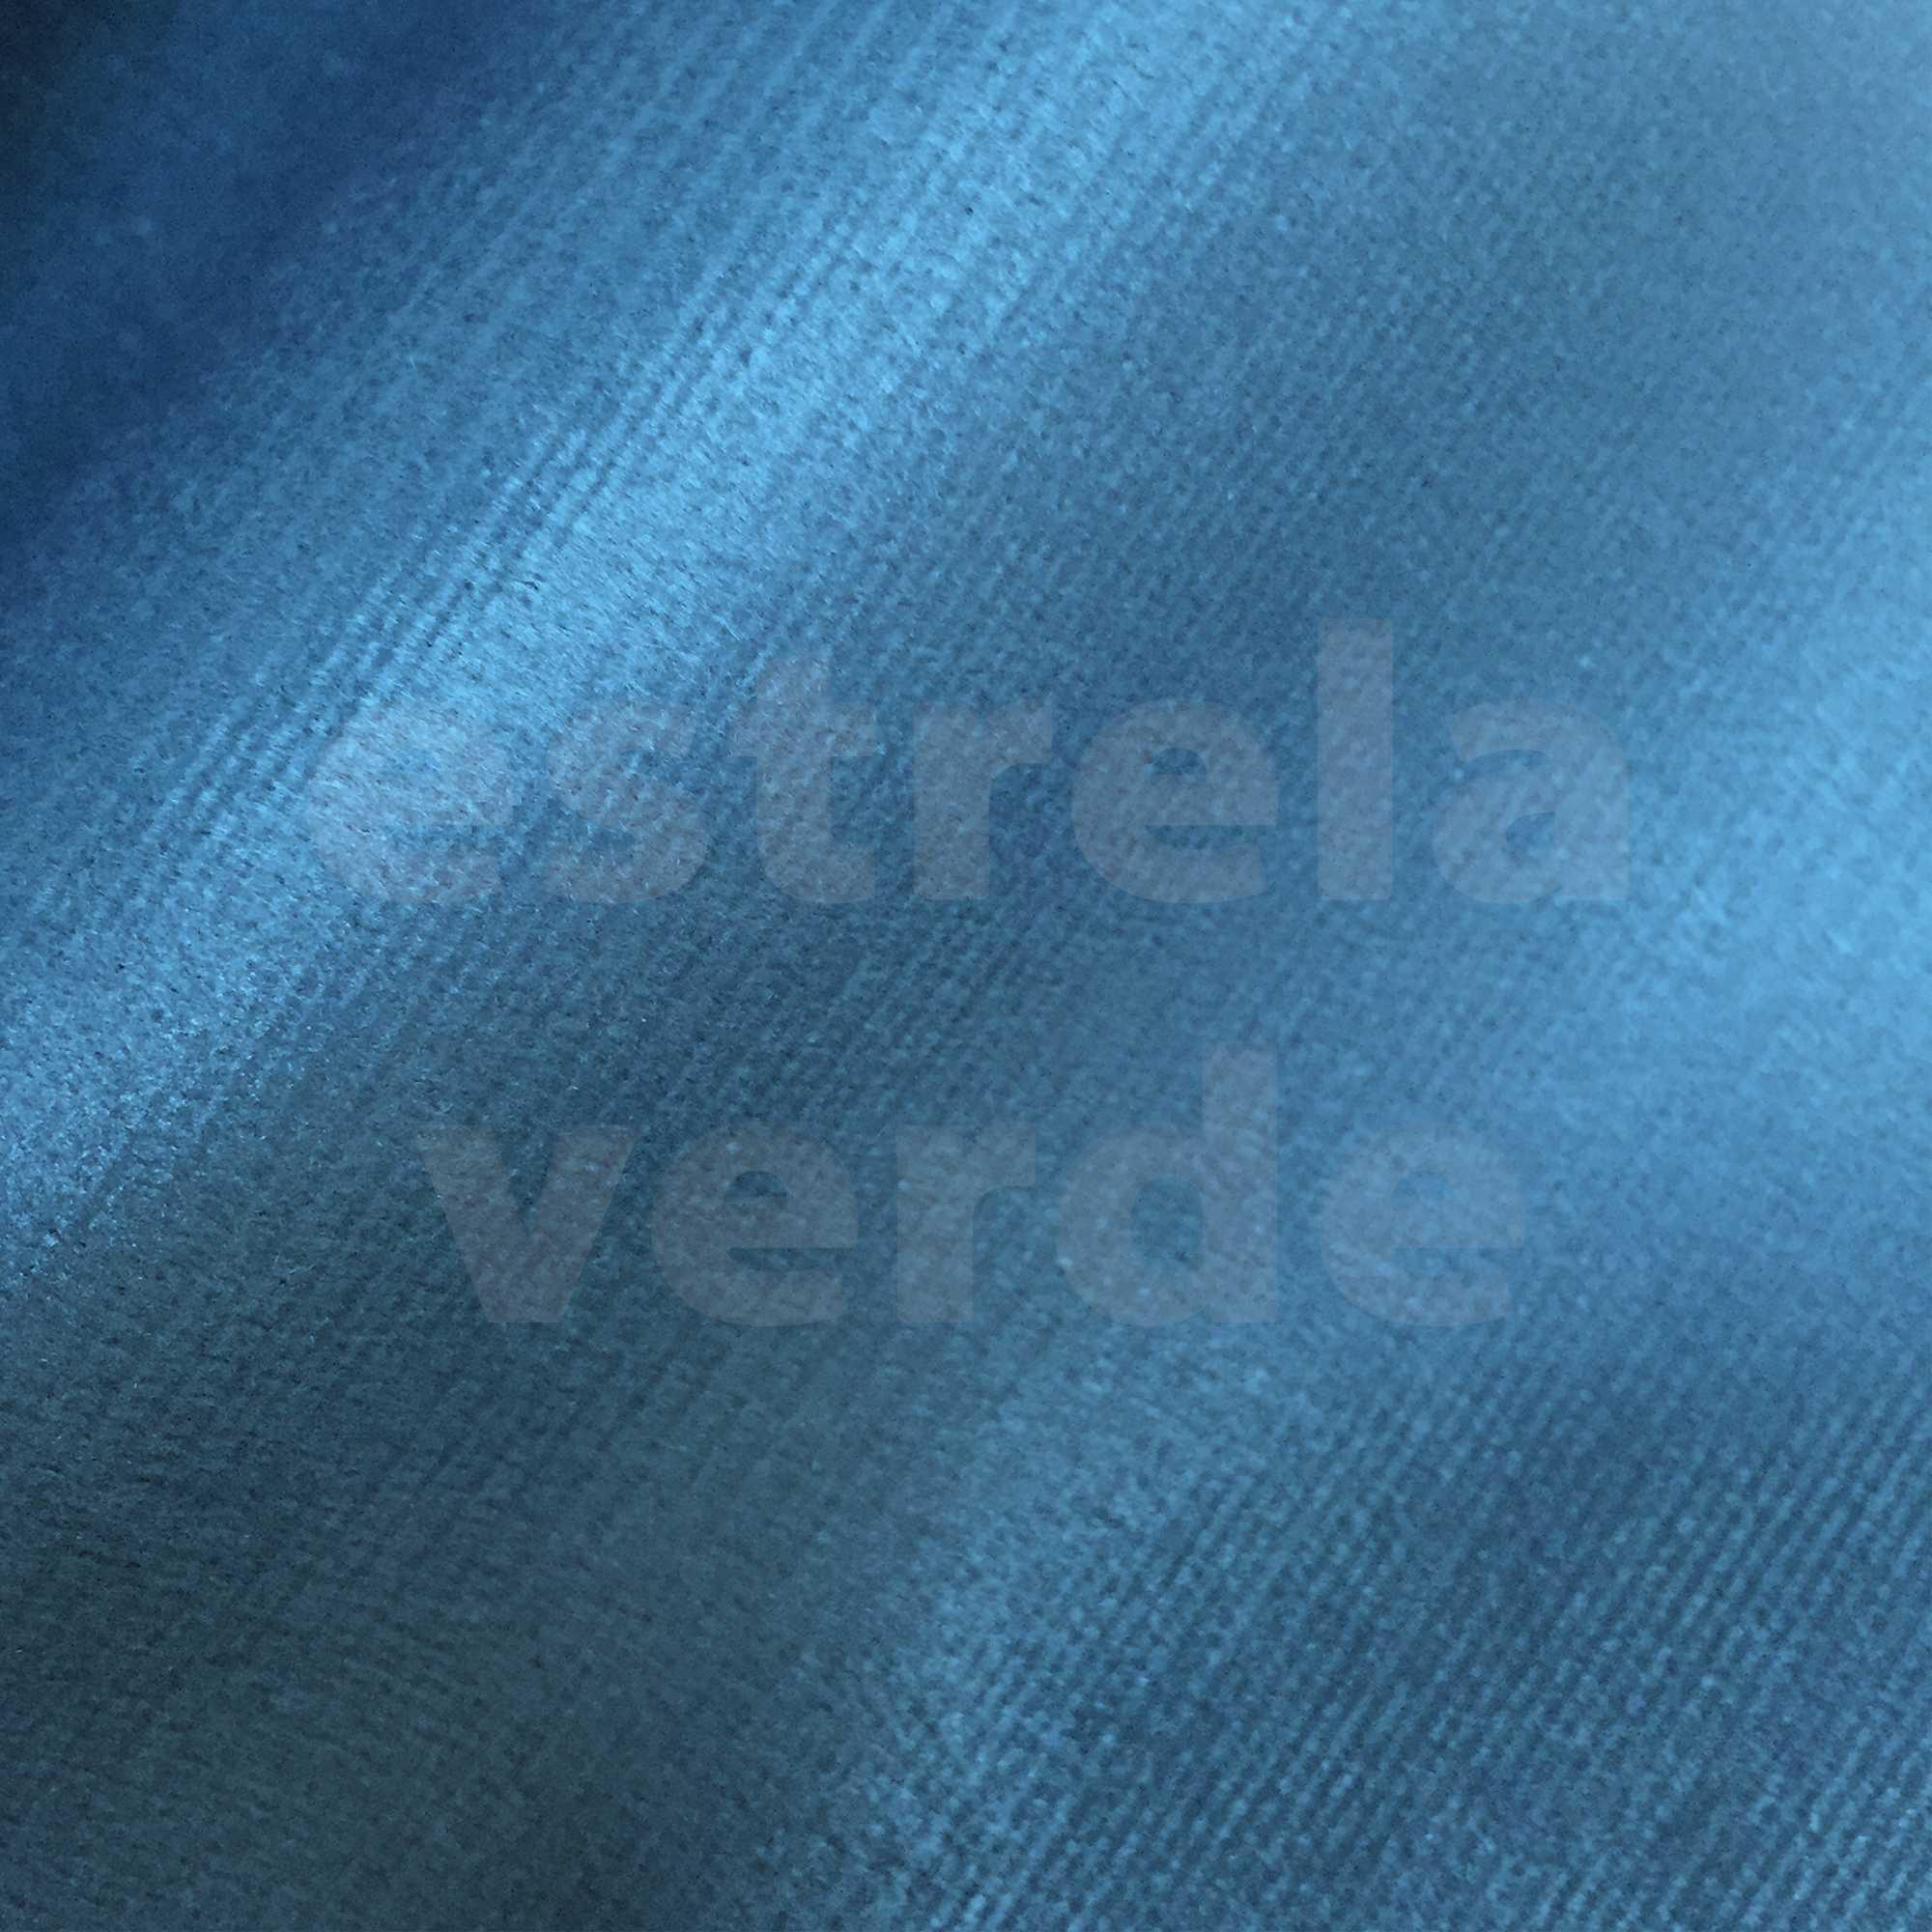 VELUDINHO AZUL CELESTE 08  - Estrela Verde